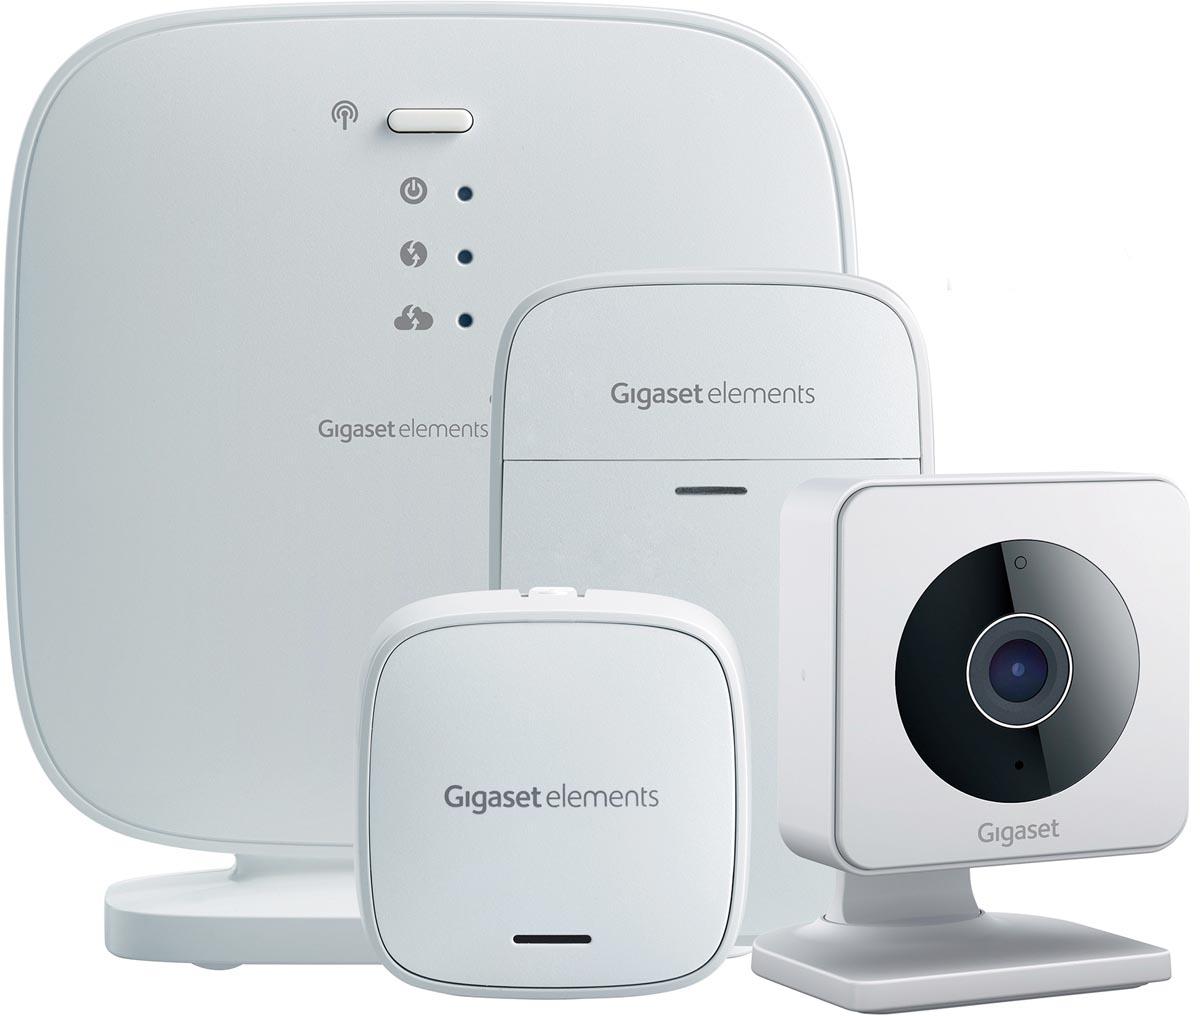 Gigaset all you need beveiligingspakket met deur-raamsensor, bewegingssensor en WLAN indoor smartcam